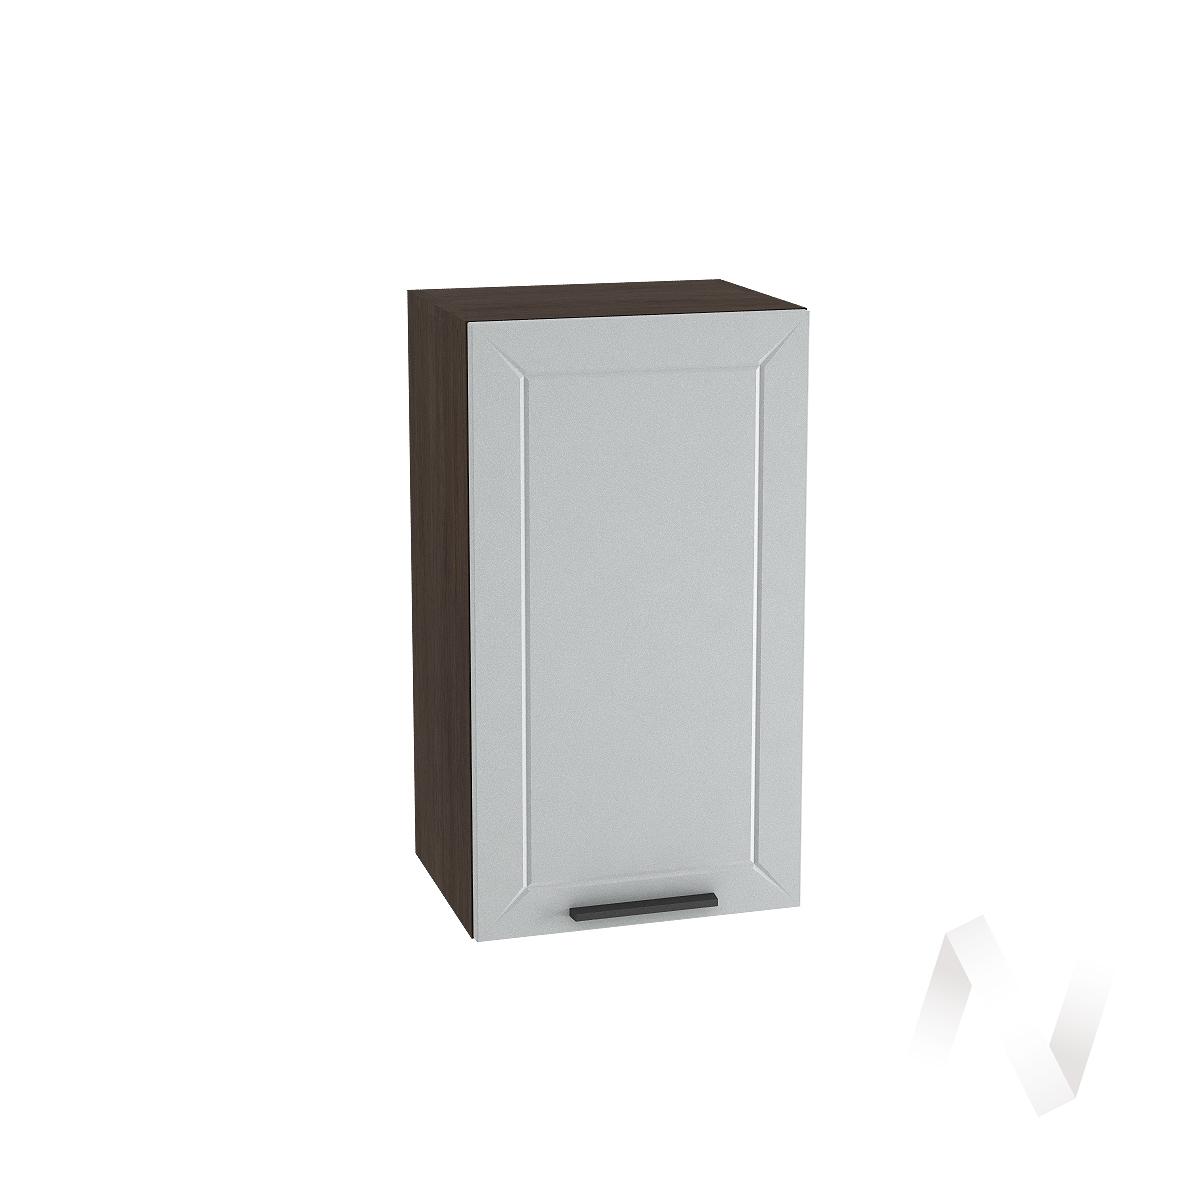 """Кухня """"Глетчер"""": Шкаф верхний 400, ШВ 400 (Гейнсборо Силк/корпус венге)"""